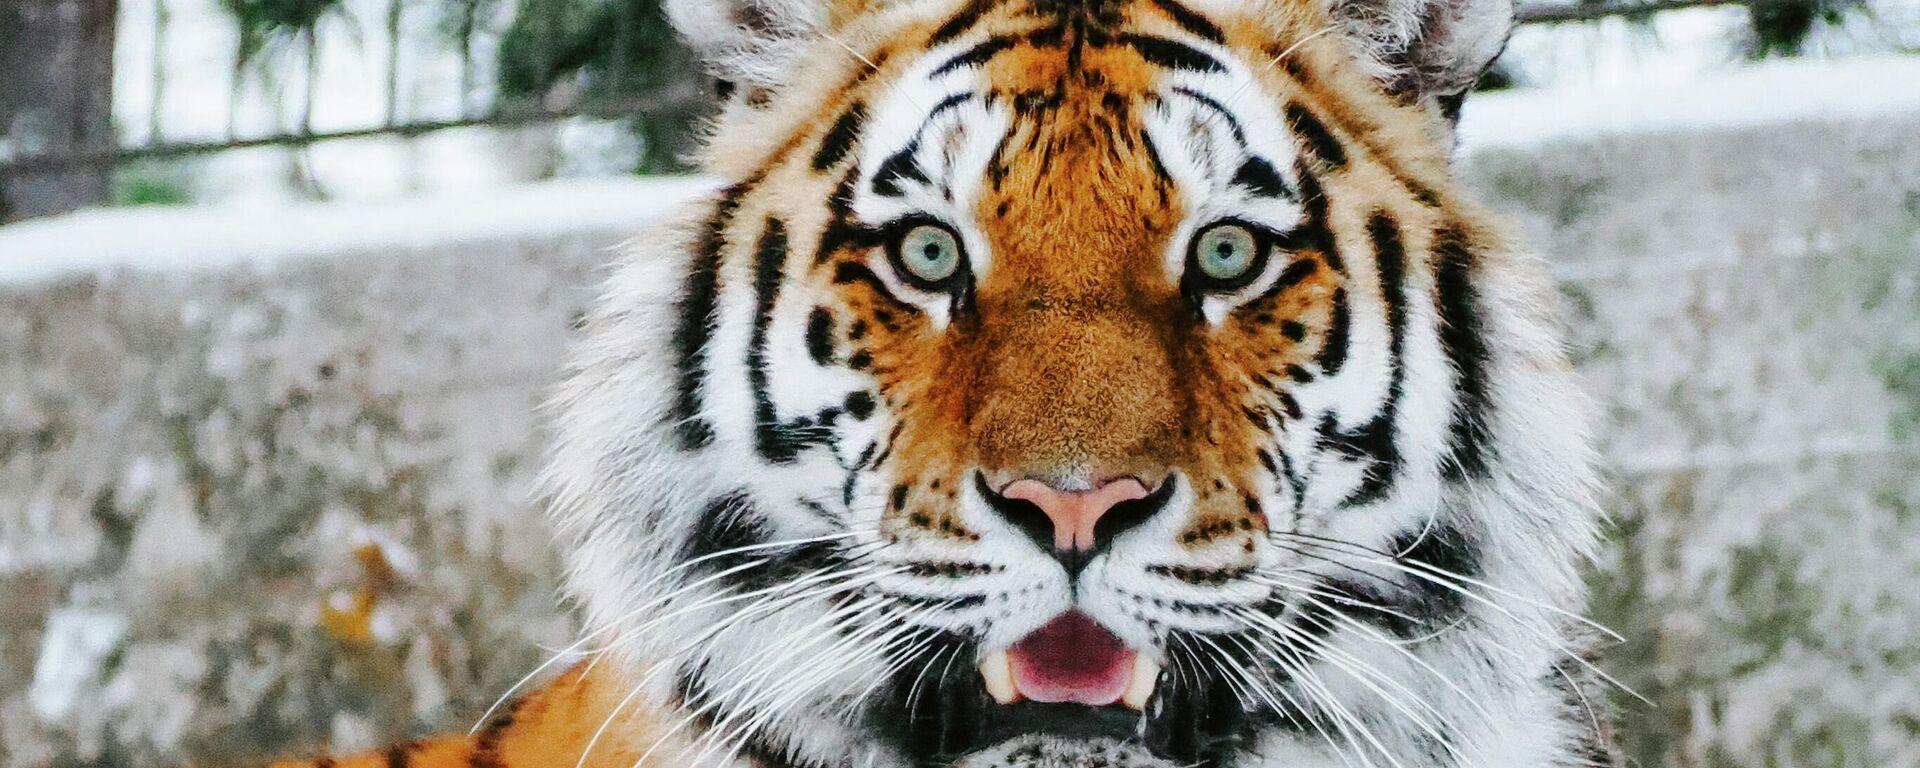 Un tigre - Sputnik Mundo, 1920, 12.07.2021